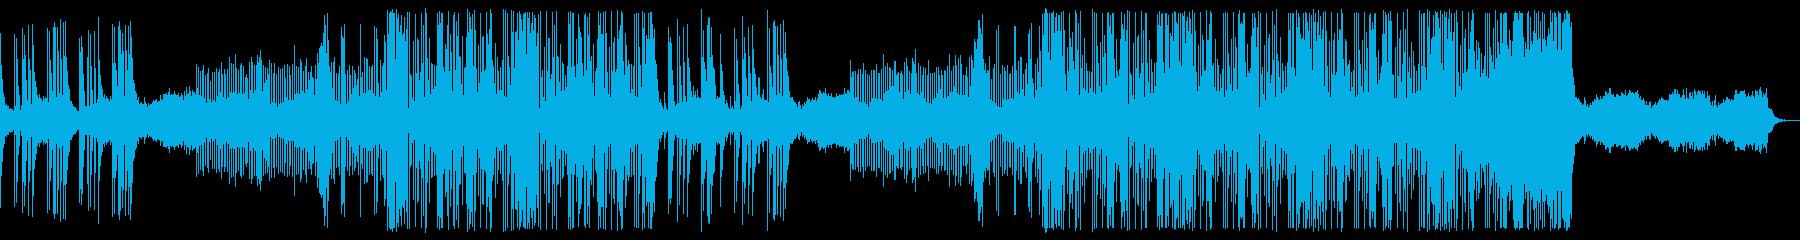 忍者と戦う和風歴史Lofiトラップビートの再生済みの波形